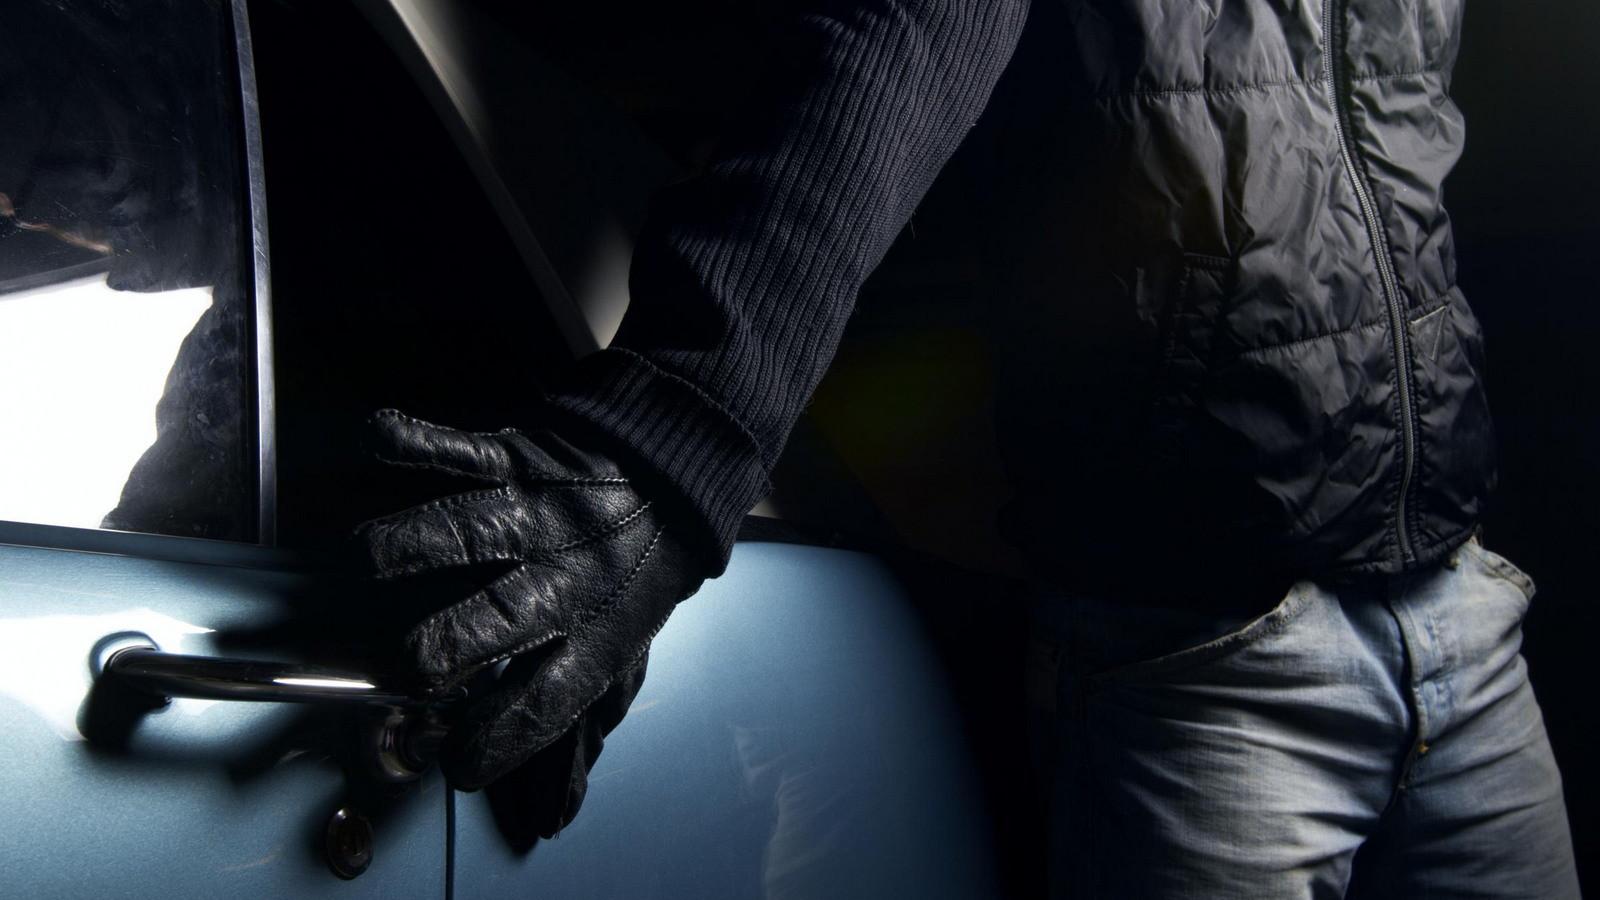 Специалисты  узнали , где впервую очередь  находят угнанные вПетербурге автомобили